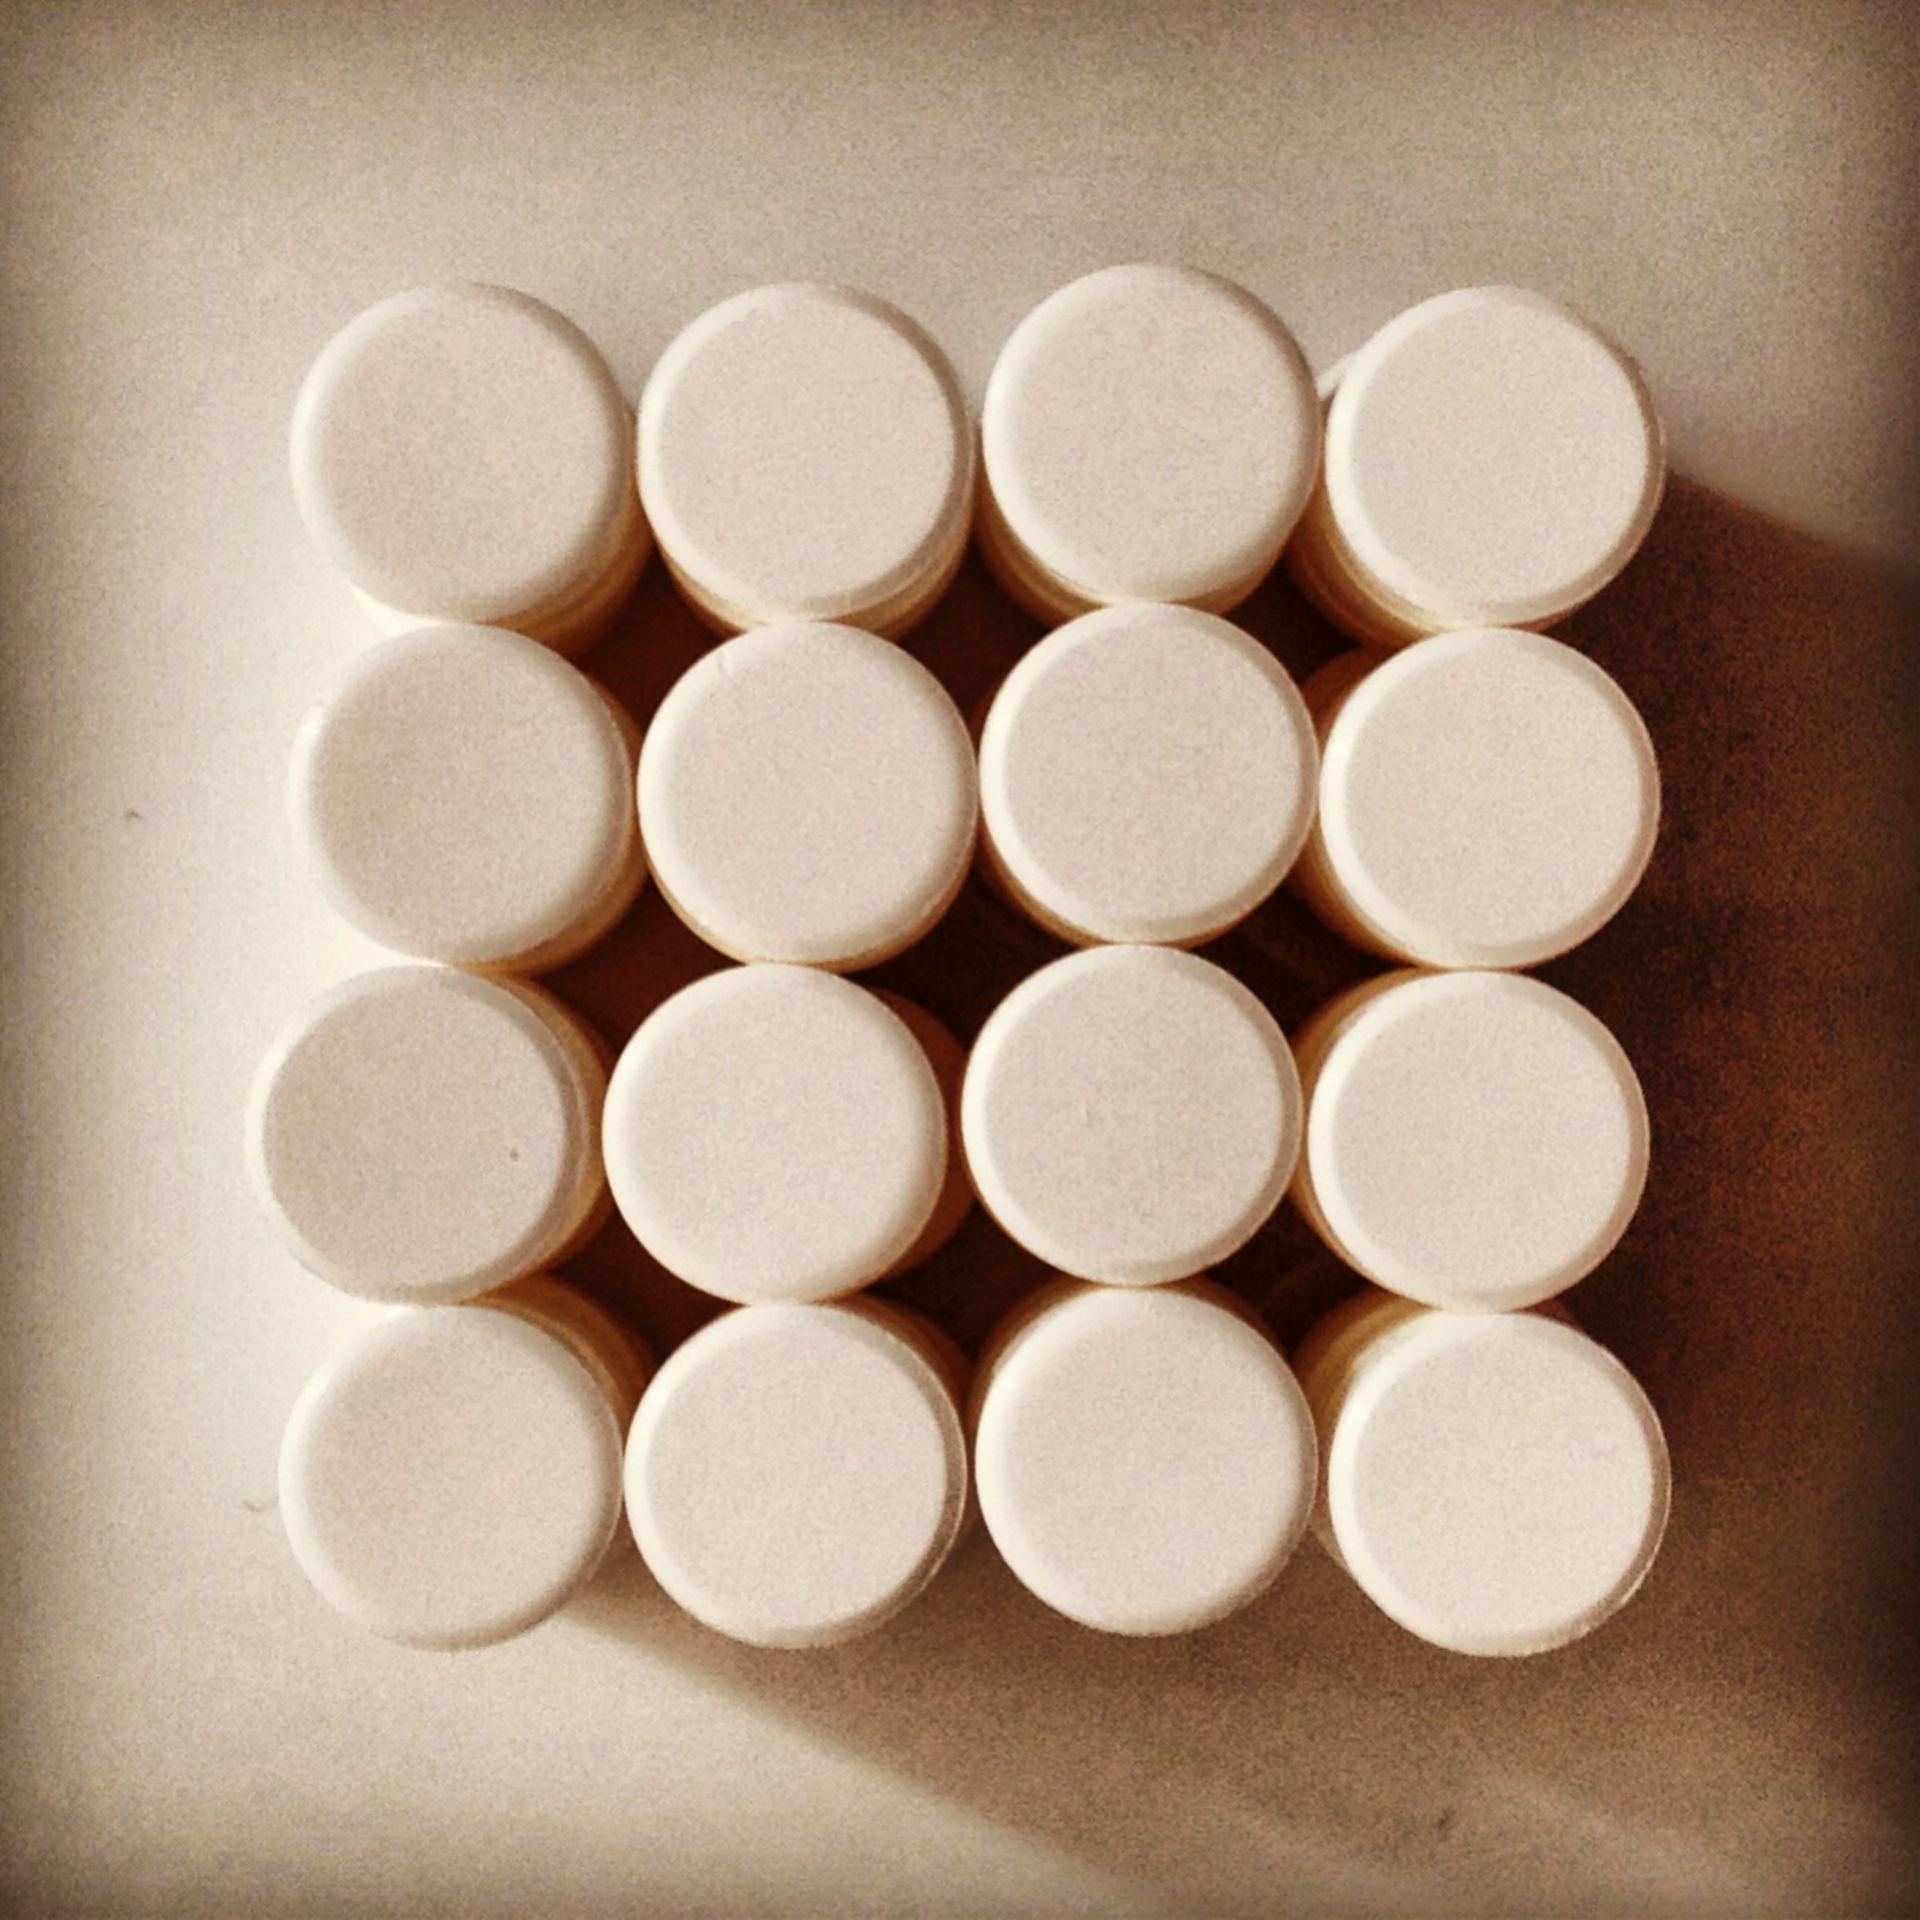 Tabletten quadratisch gestapelt Aufsicht